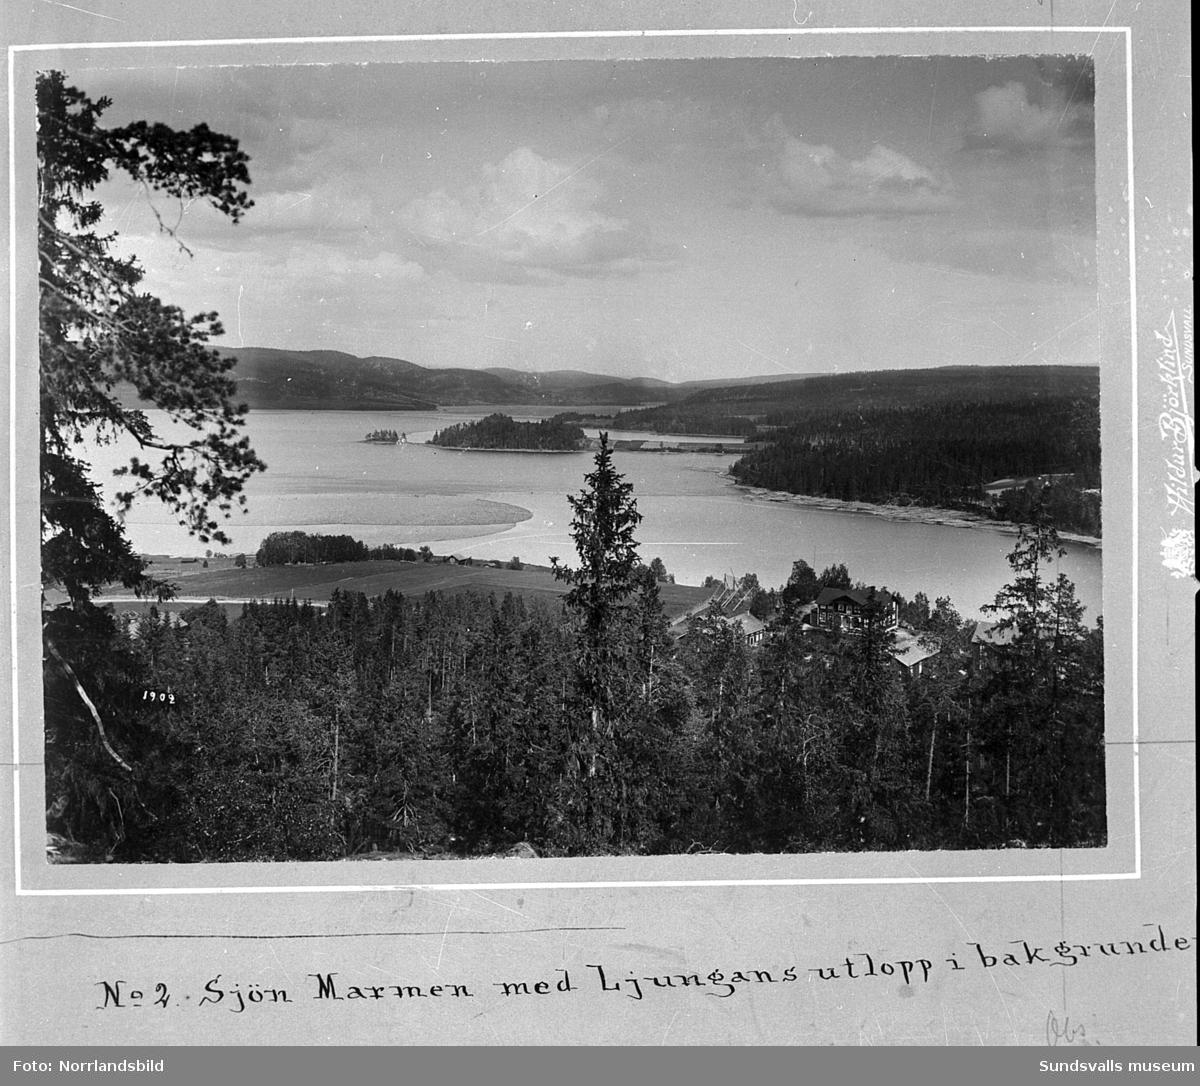 Flygfoton ver Lucksta, Attmar. - Sundsvalls museum